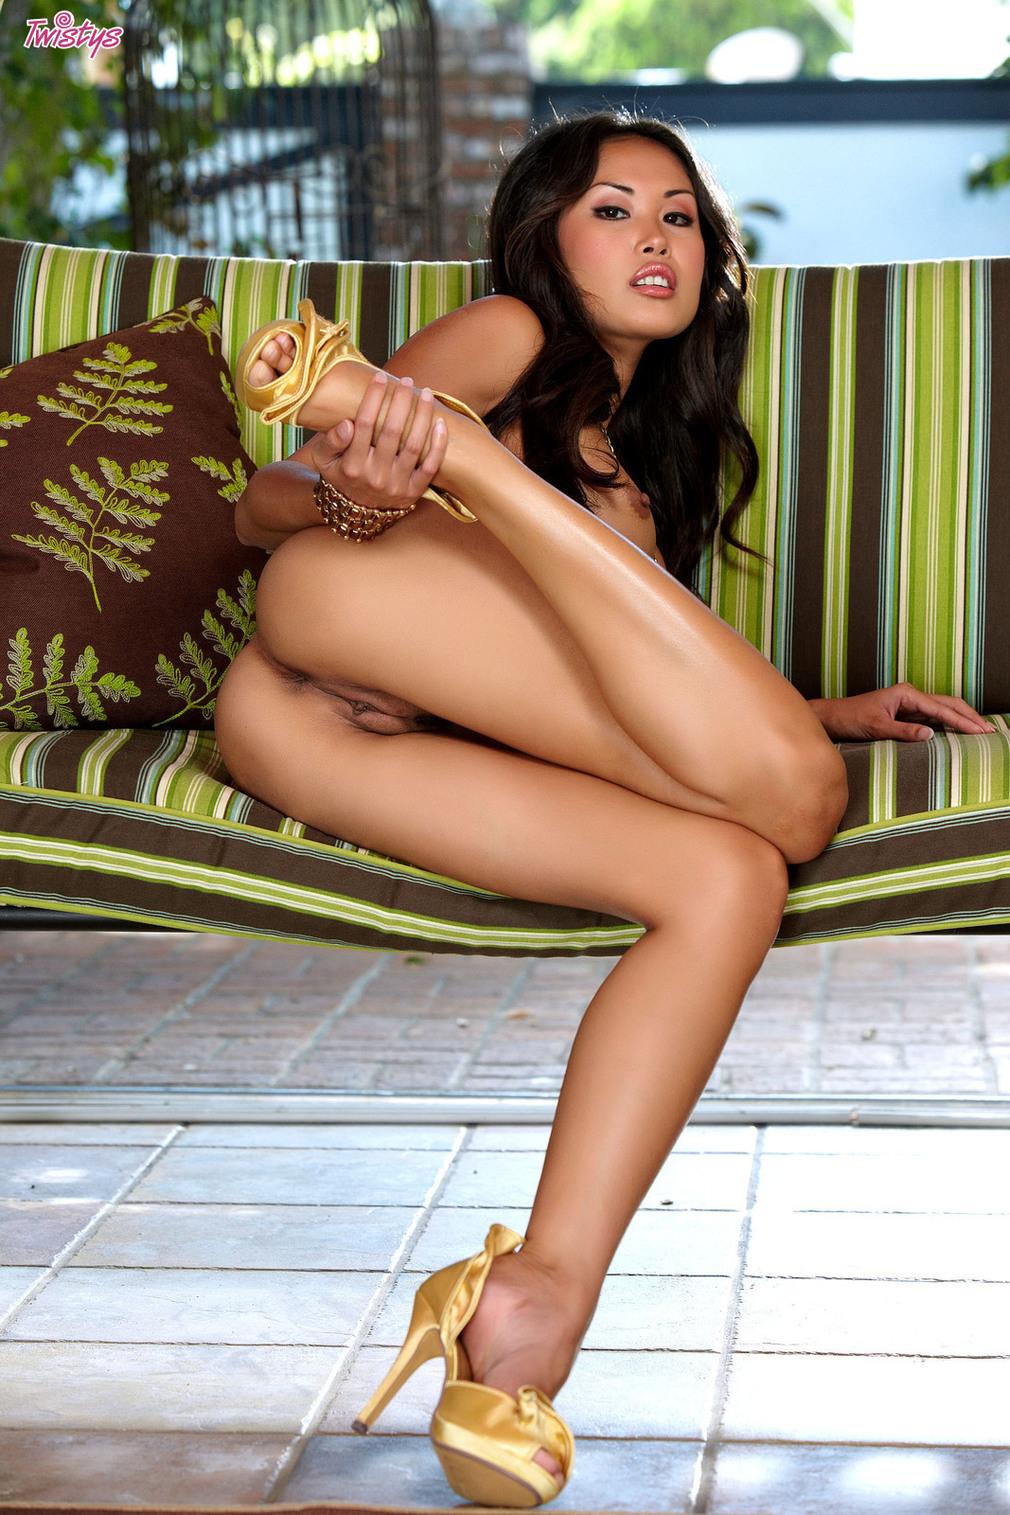 Zdjęcie porno - 101 - Azjatka ze sztucznymi cycami